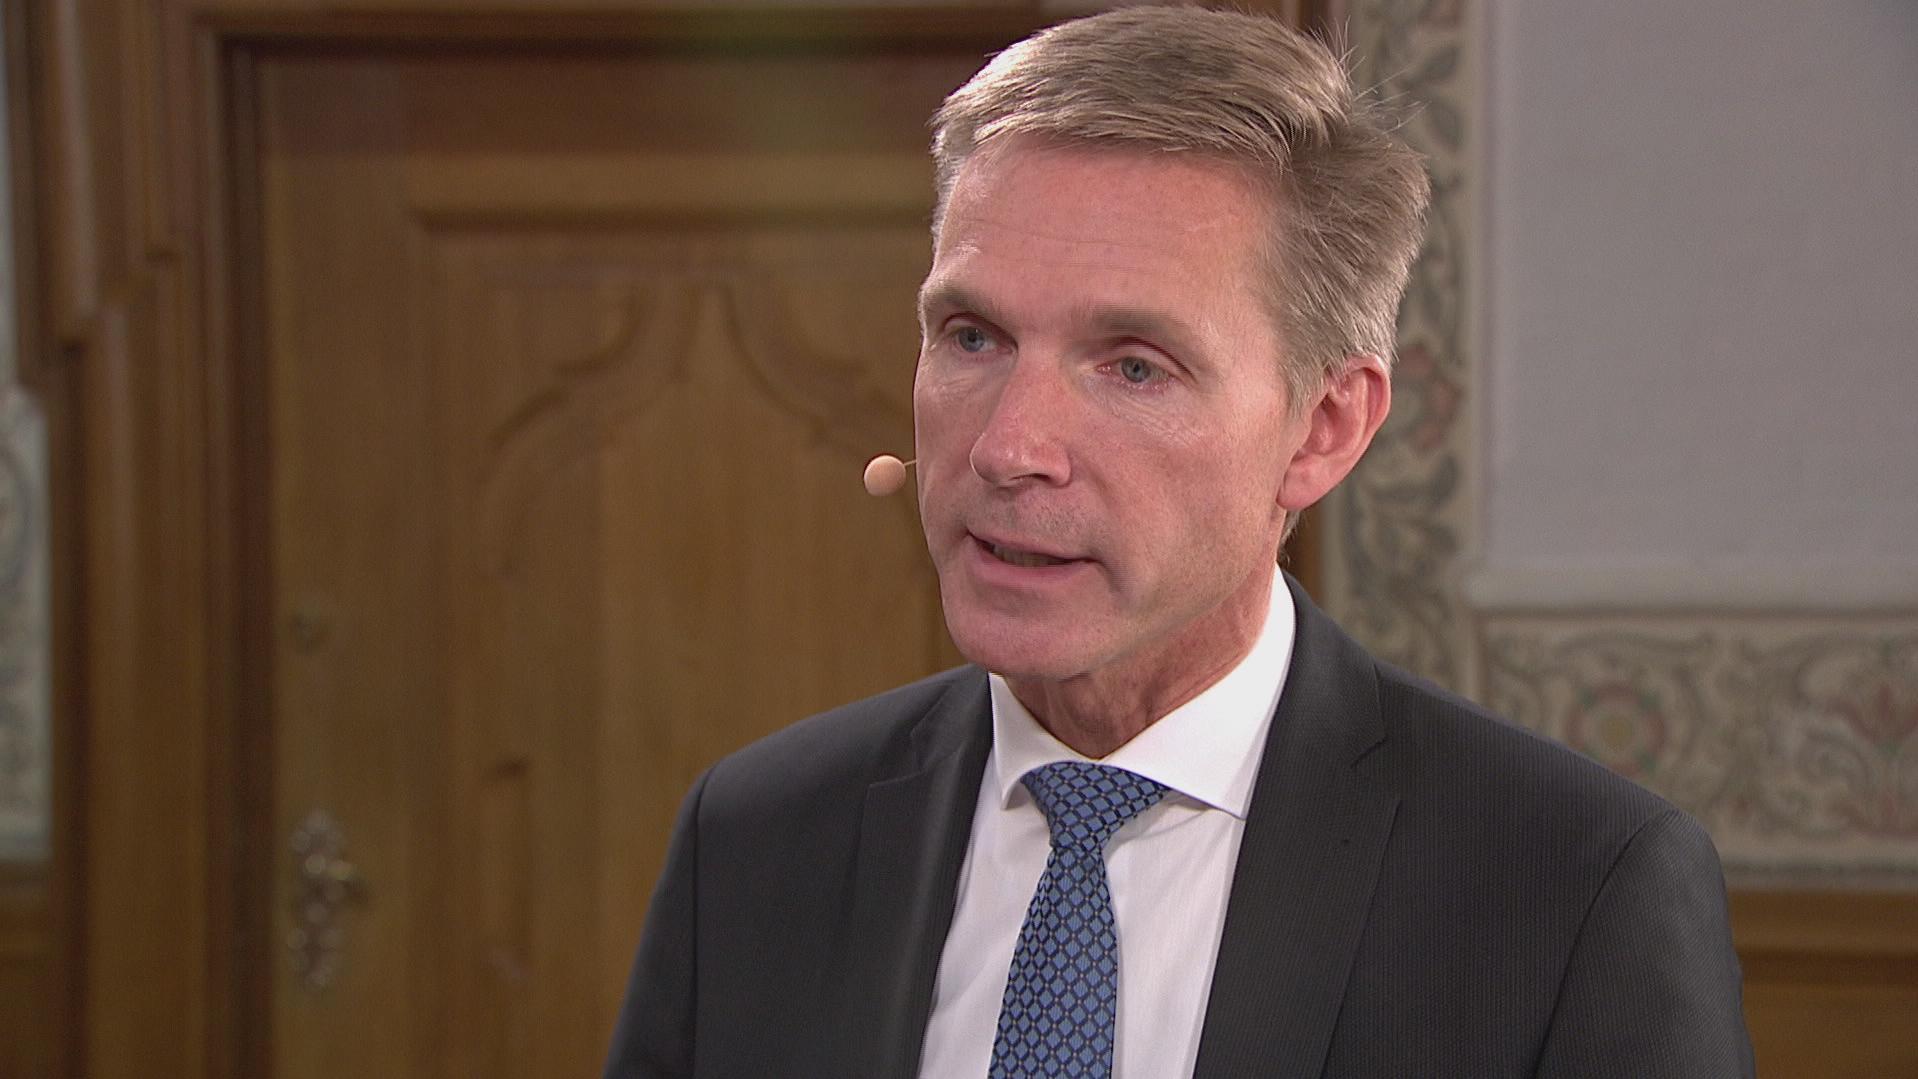 Thulesen Dahl